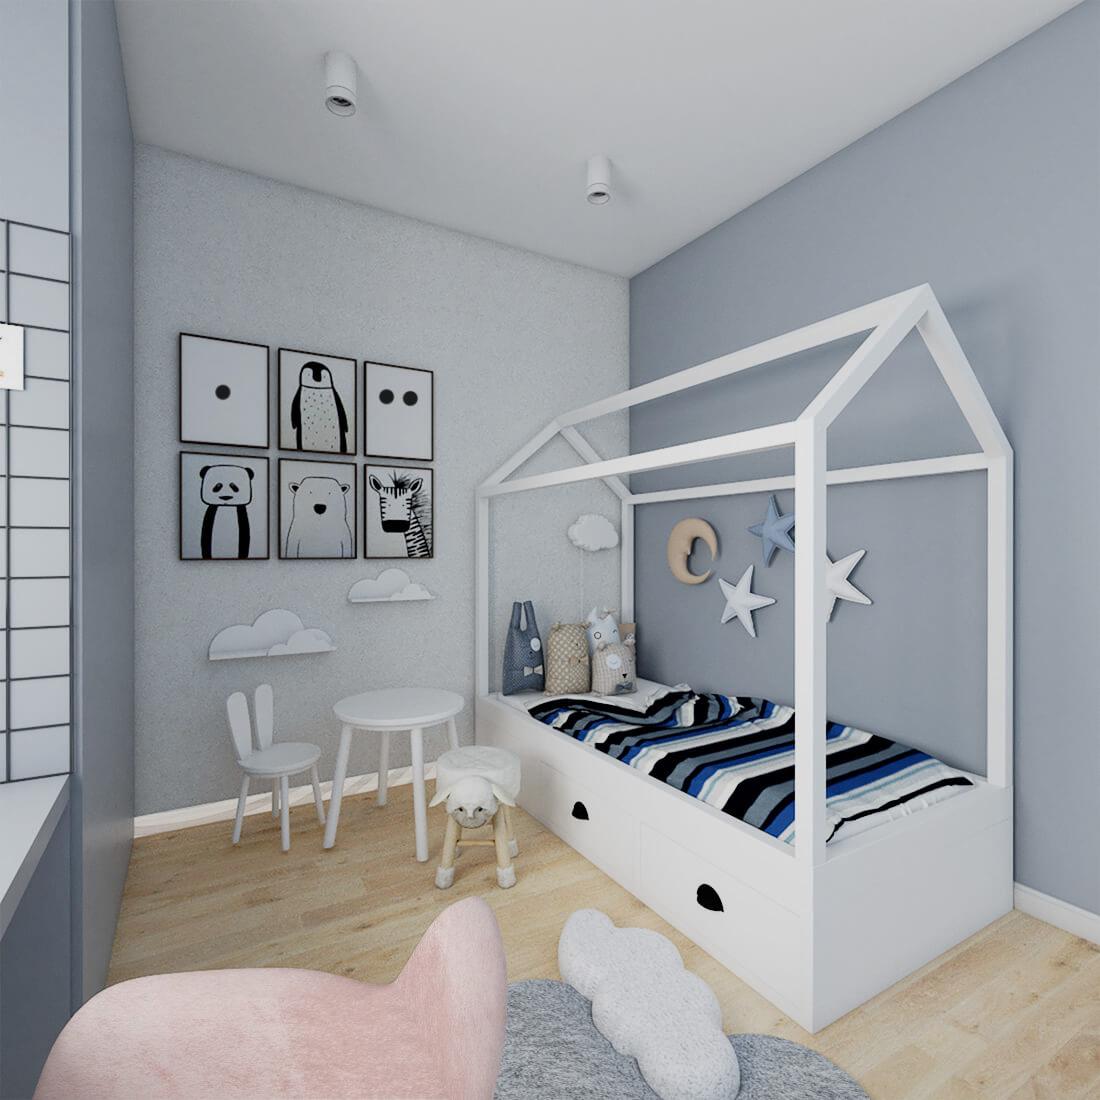 pokój dziecka w mieszkaniu w bloku